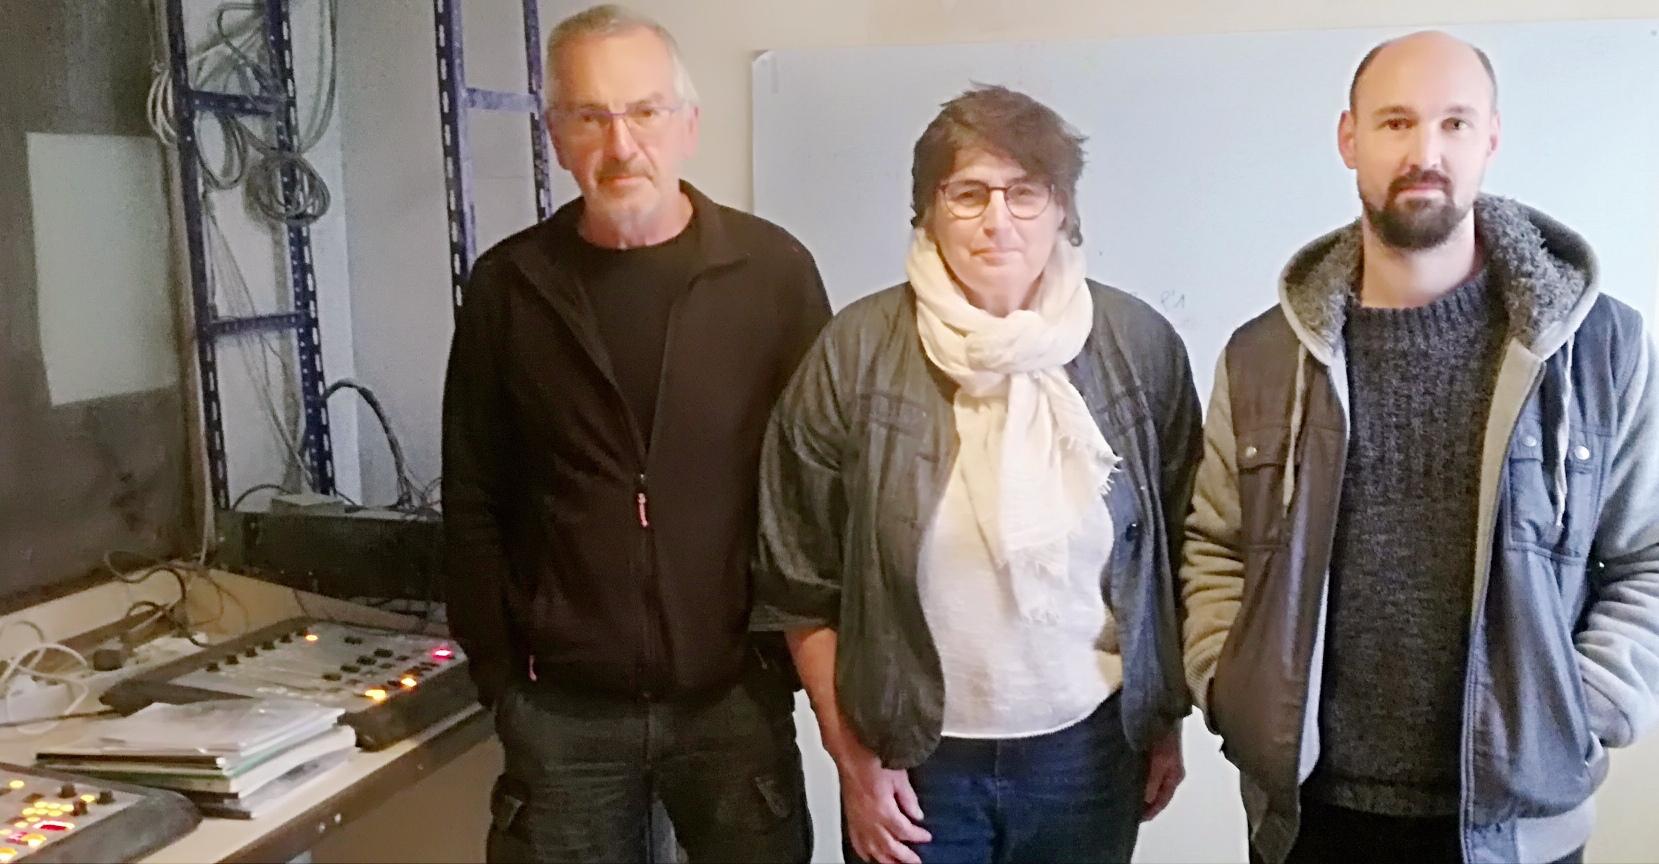 L'équipe sur place nuit et jour : de gauche a droite, l'écrivain Louis Perego, fondateur de la radio et secrétaire de l'association, Frédérique Monod, Directrice, et Morgan Canin, l'animateur technico-réalisateur.